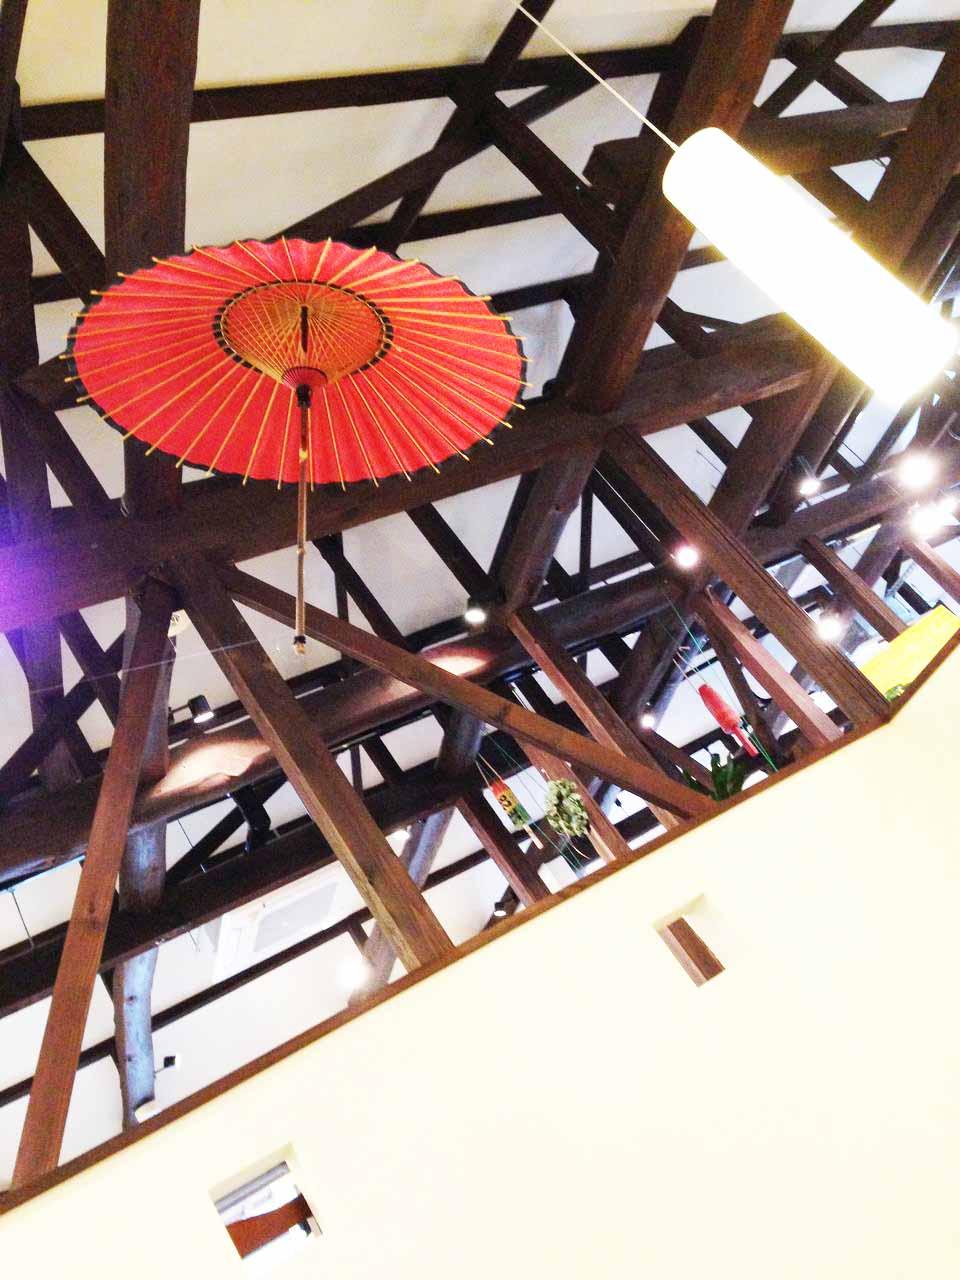 玉造アートBOXの店内天井の様子です